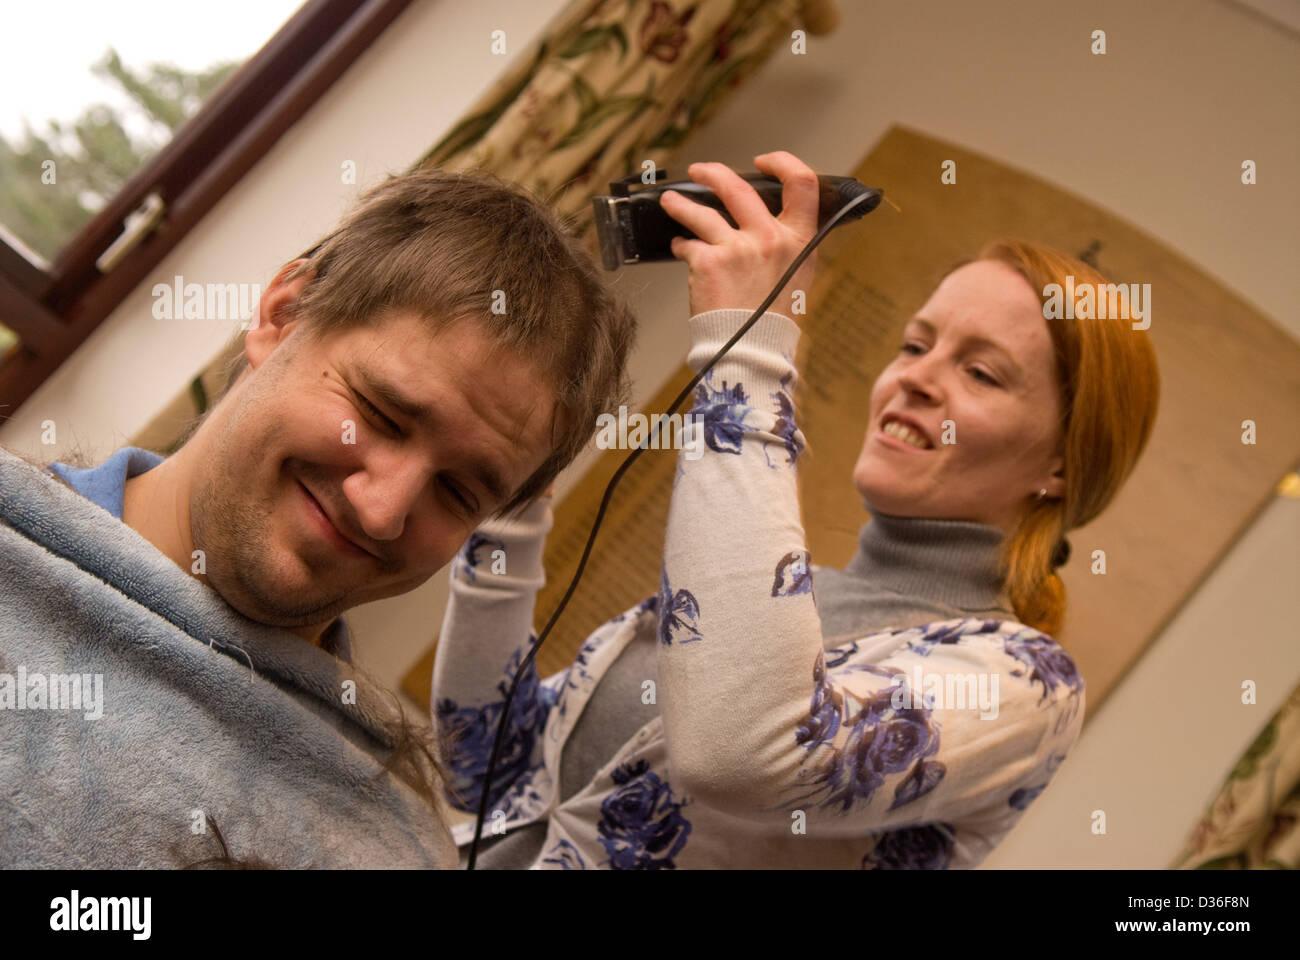 Der 26 Jahre alte Mann in Prozess der in alle seine Haare für einen Krebs Liebe, Bordon, Hampshire, uk rasiert. Stockfoto